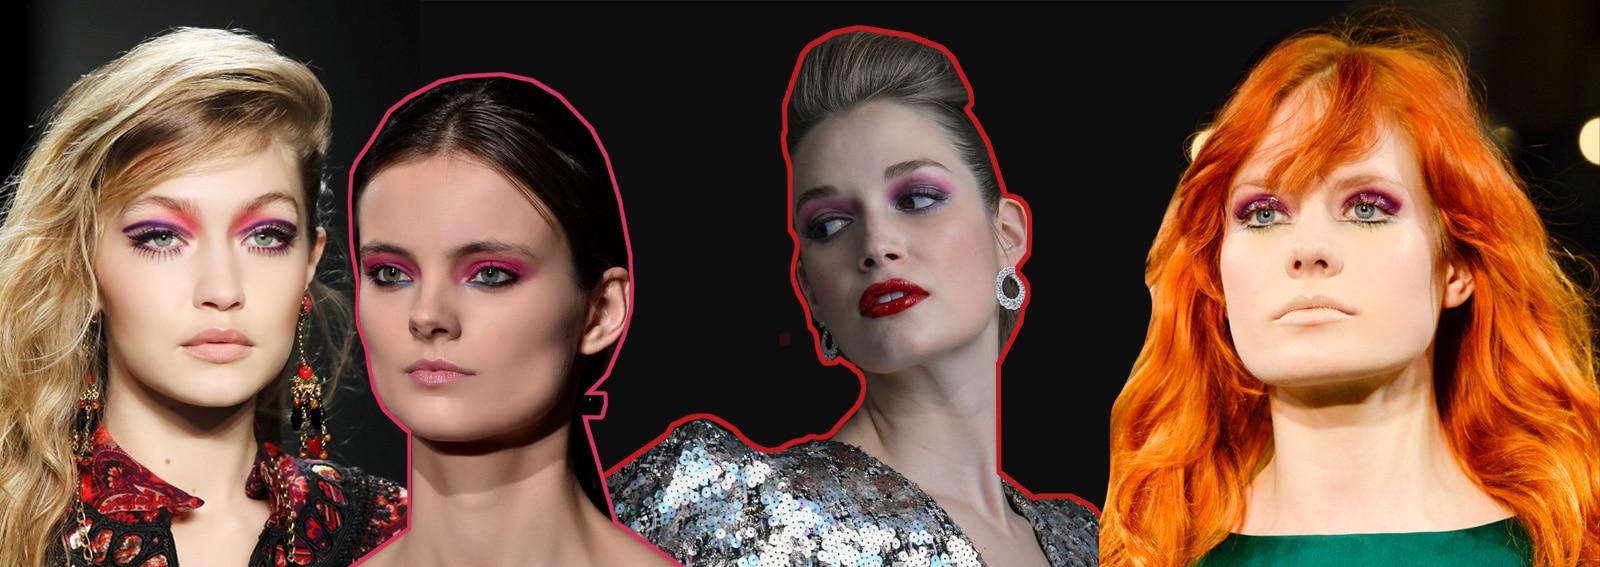 Trucco occhi viola: 7 idee per sfoggiare la tonalità di ombretto più affascinante